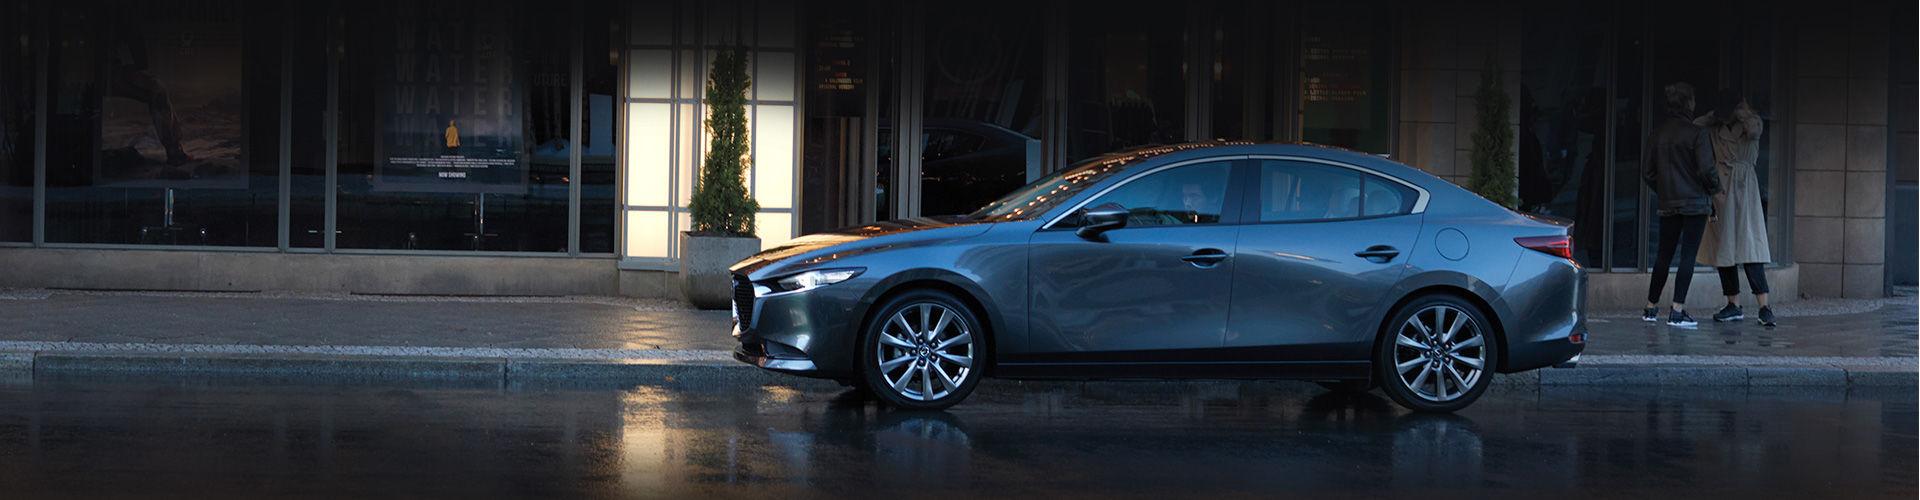 The 2019 Mazda 3